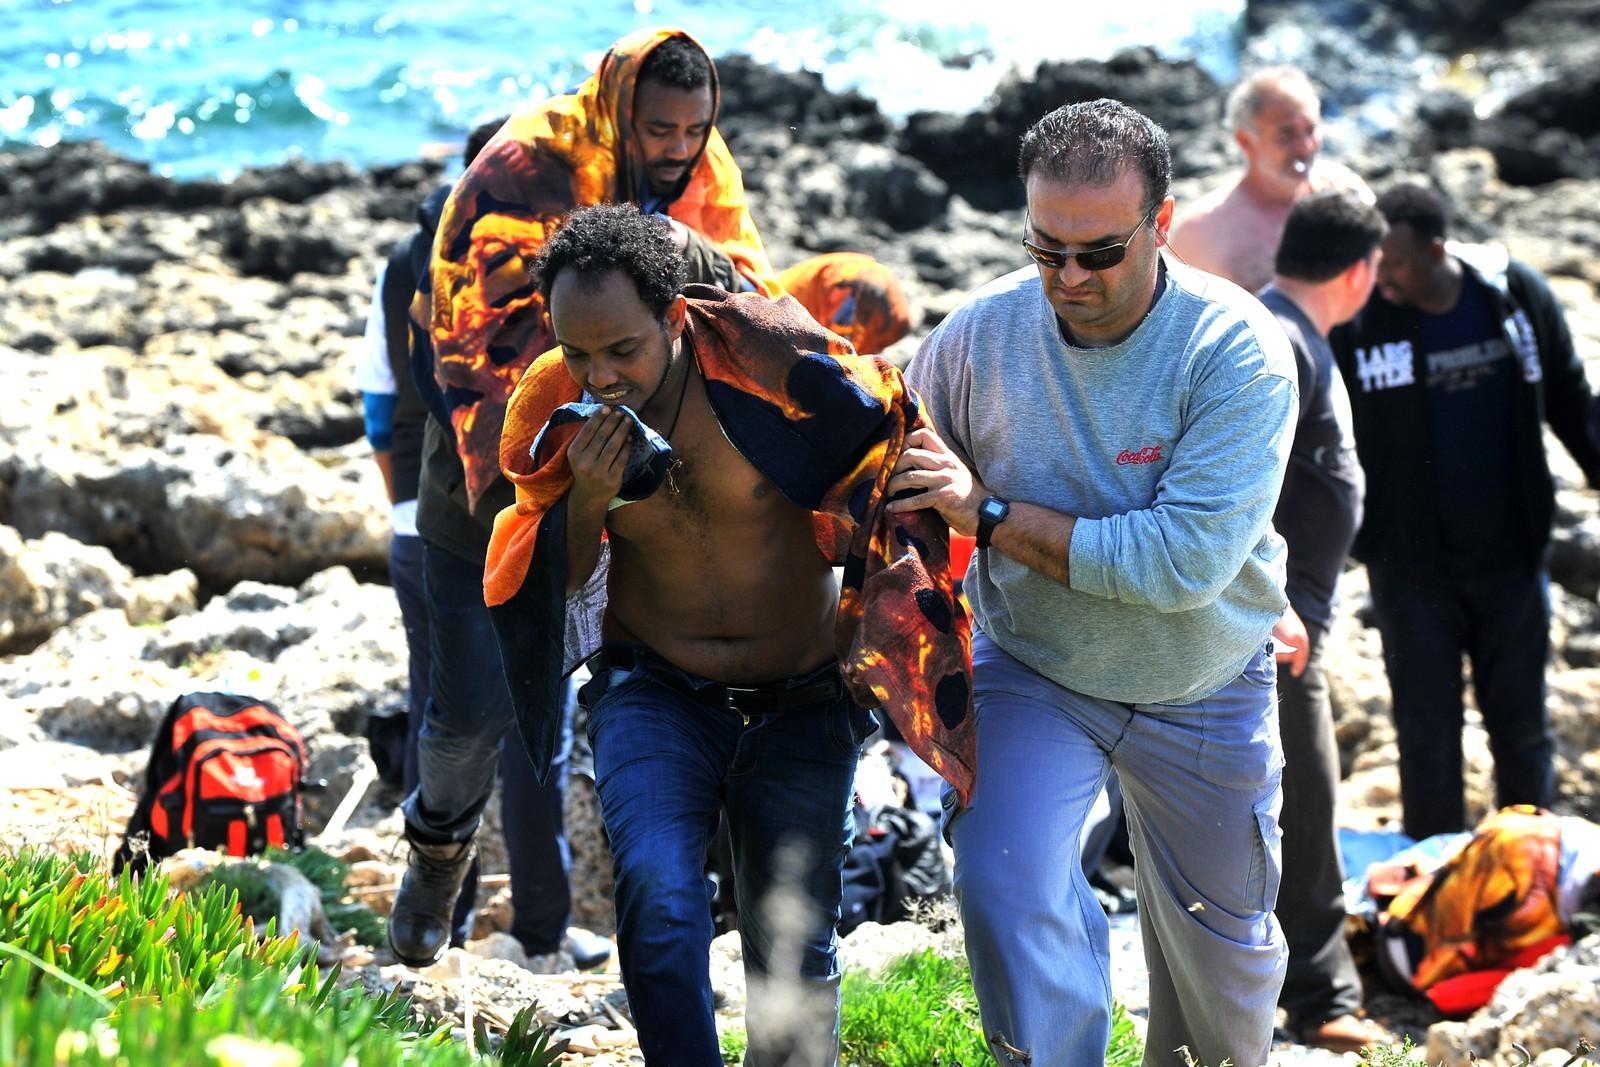 En båtflyktning hjelpes i land av en lokal greker, på Rhodos, Hellas, 20. april 2015.Bruno Gregoretti